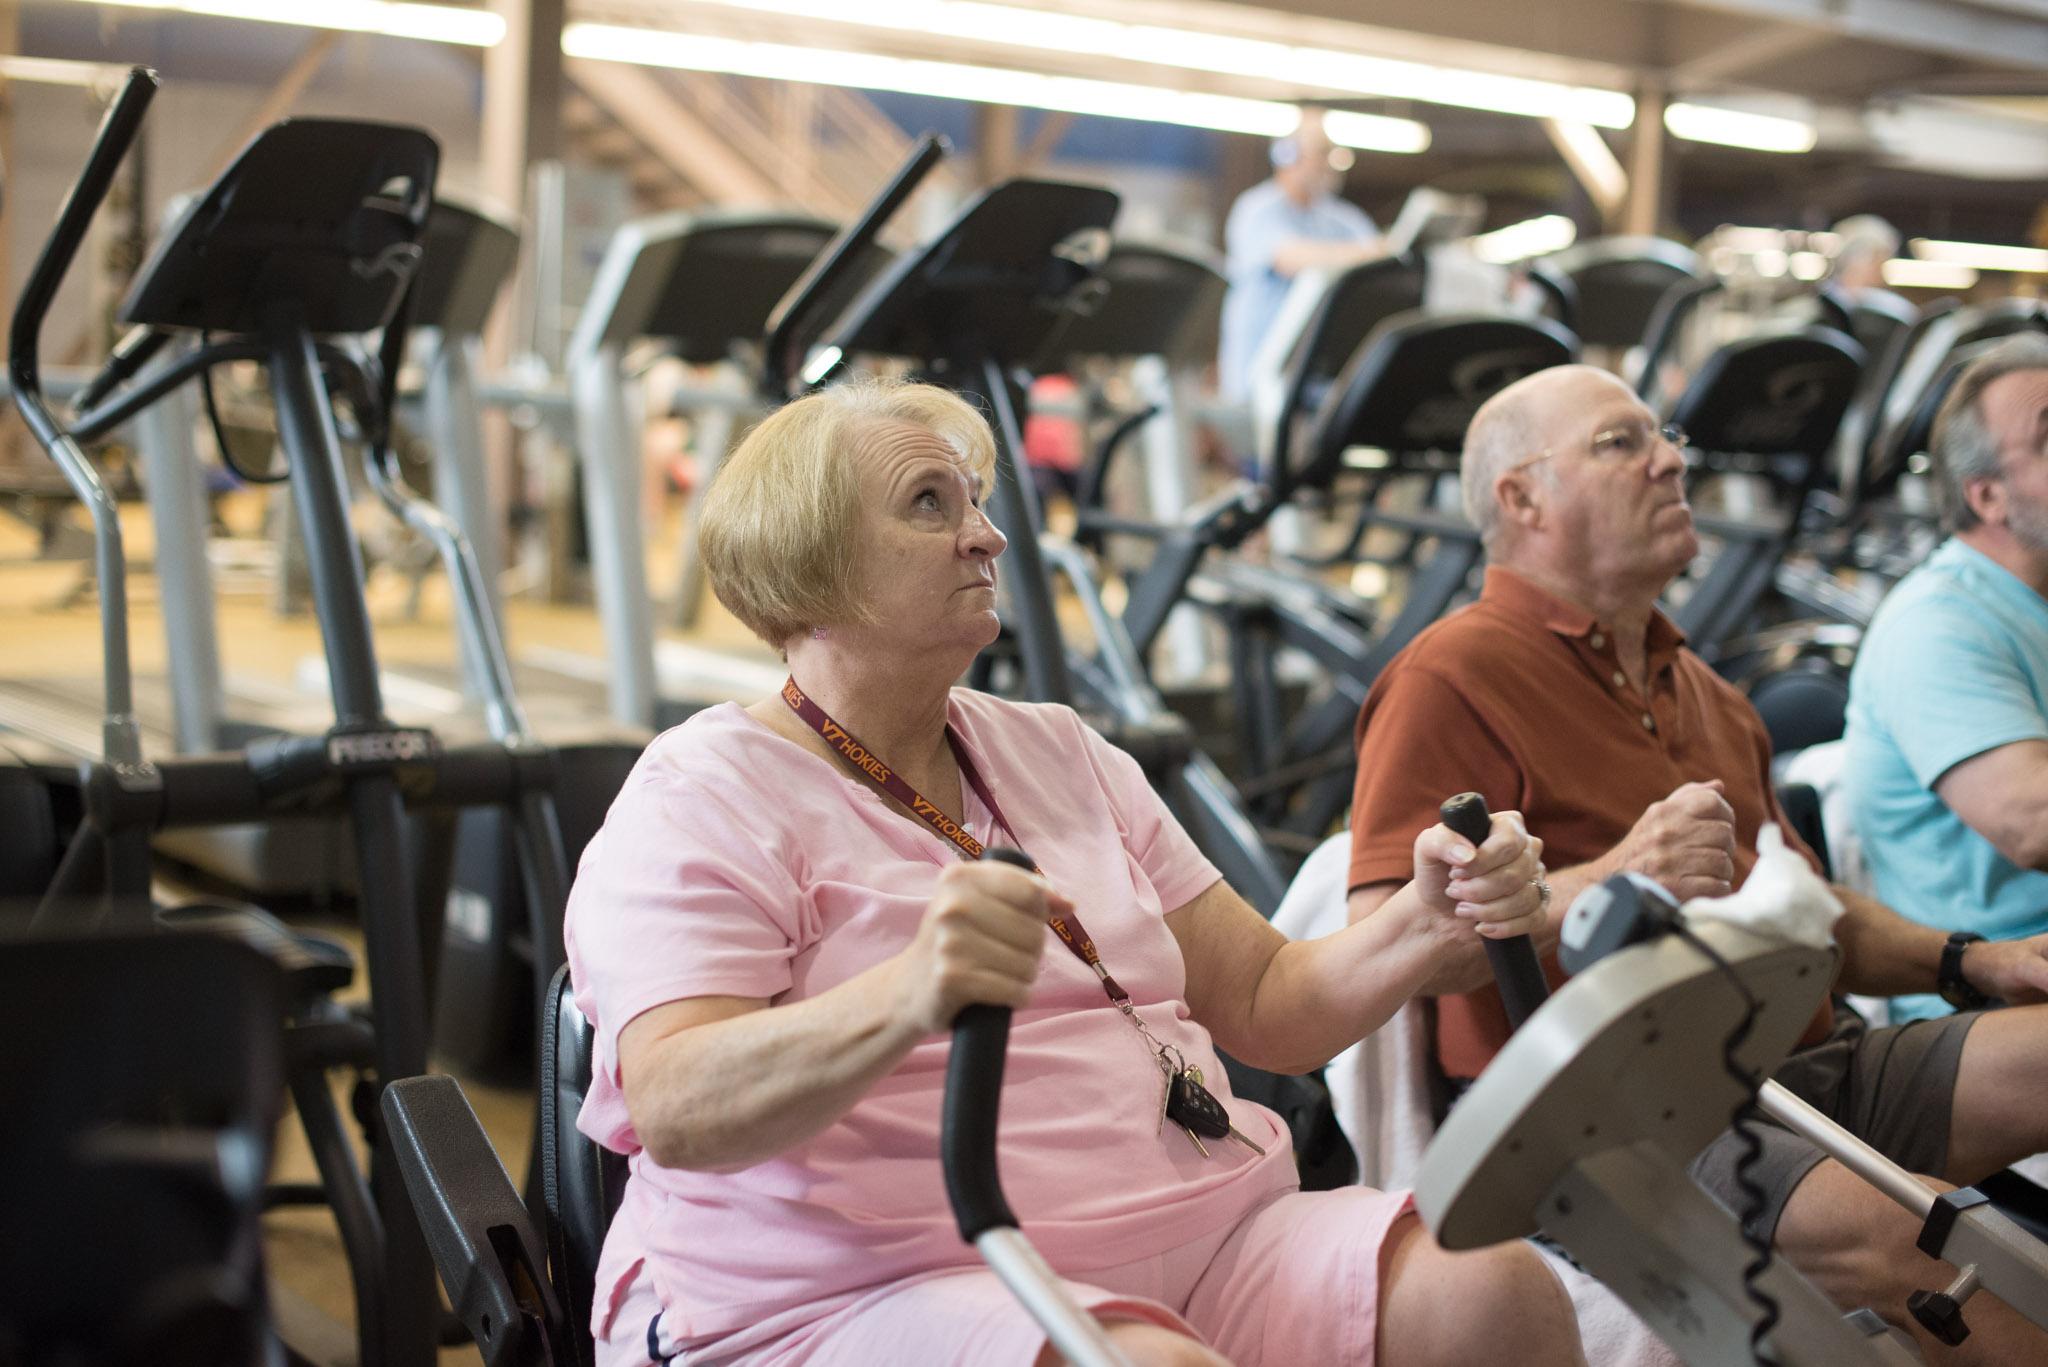 Wellness Center Stock Photos-1164.jpg